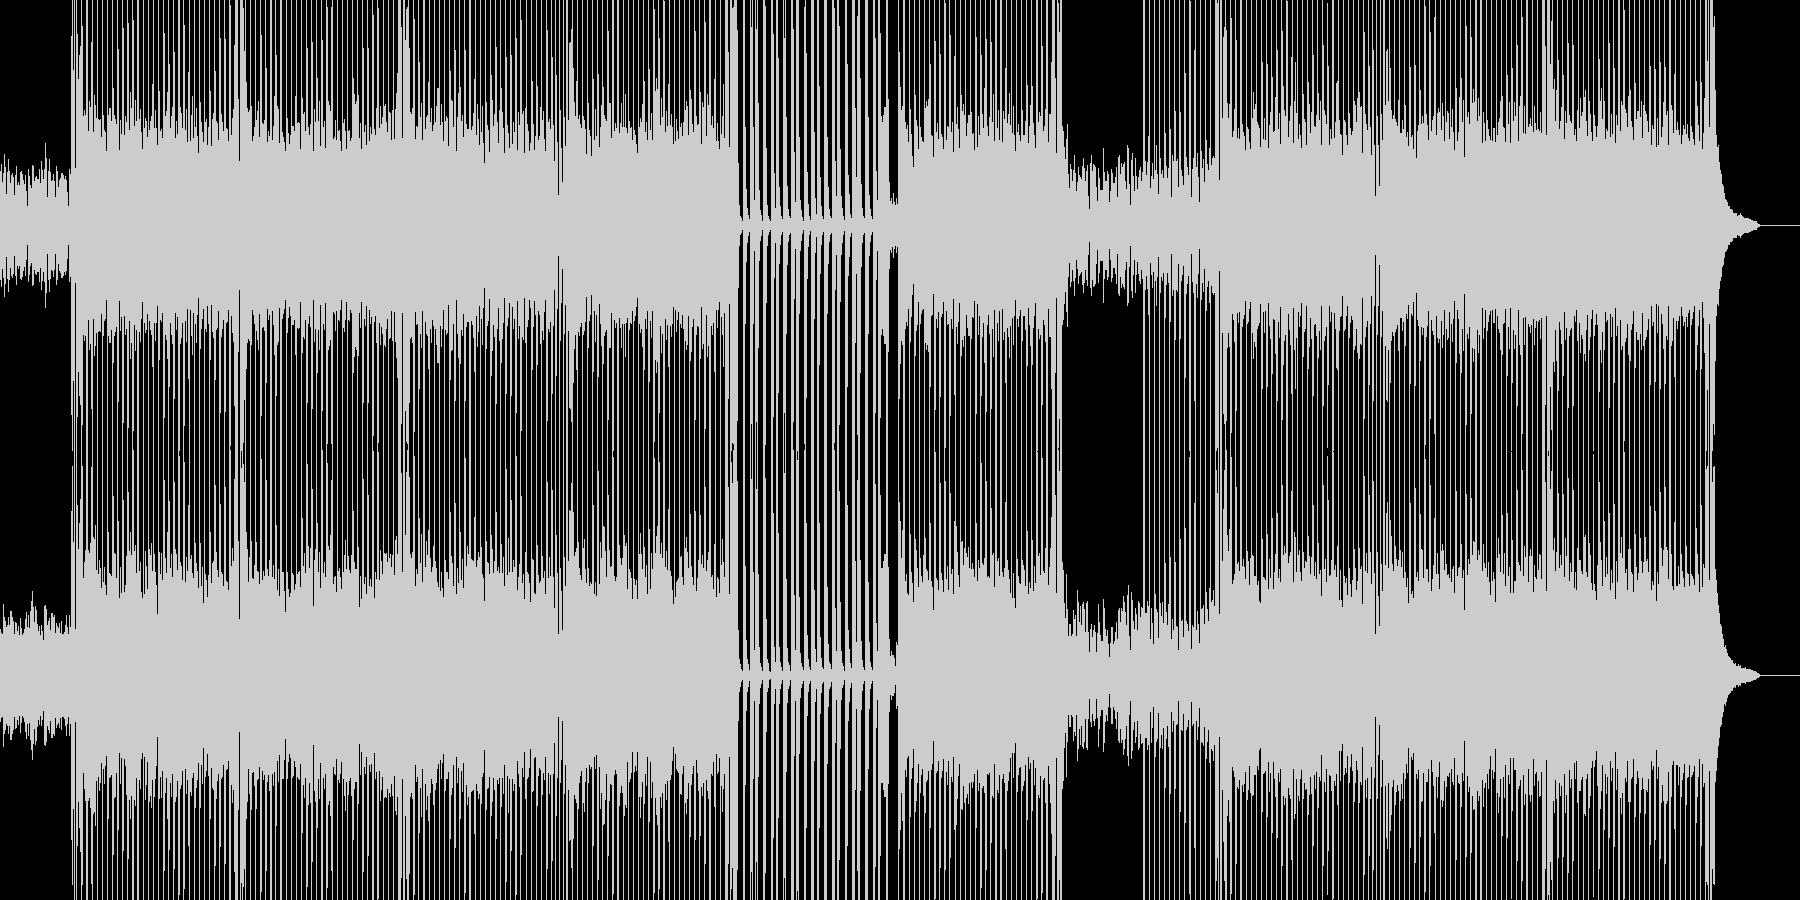 ピアノと軽快なリズムが印象的なポップスの未再生の波形